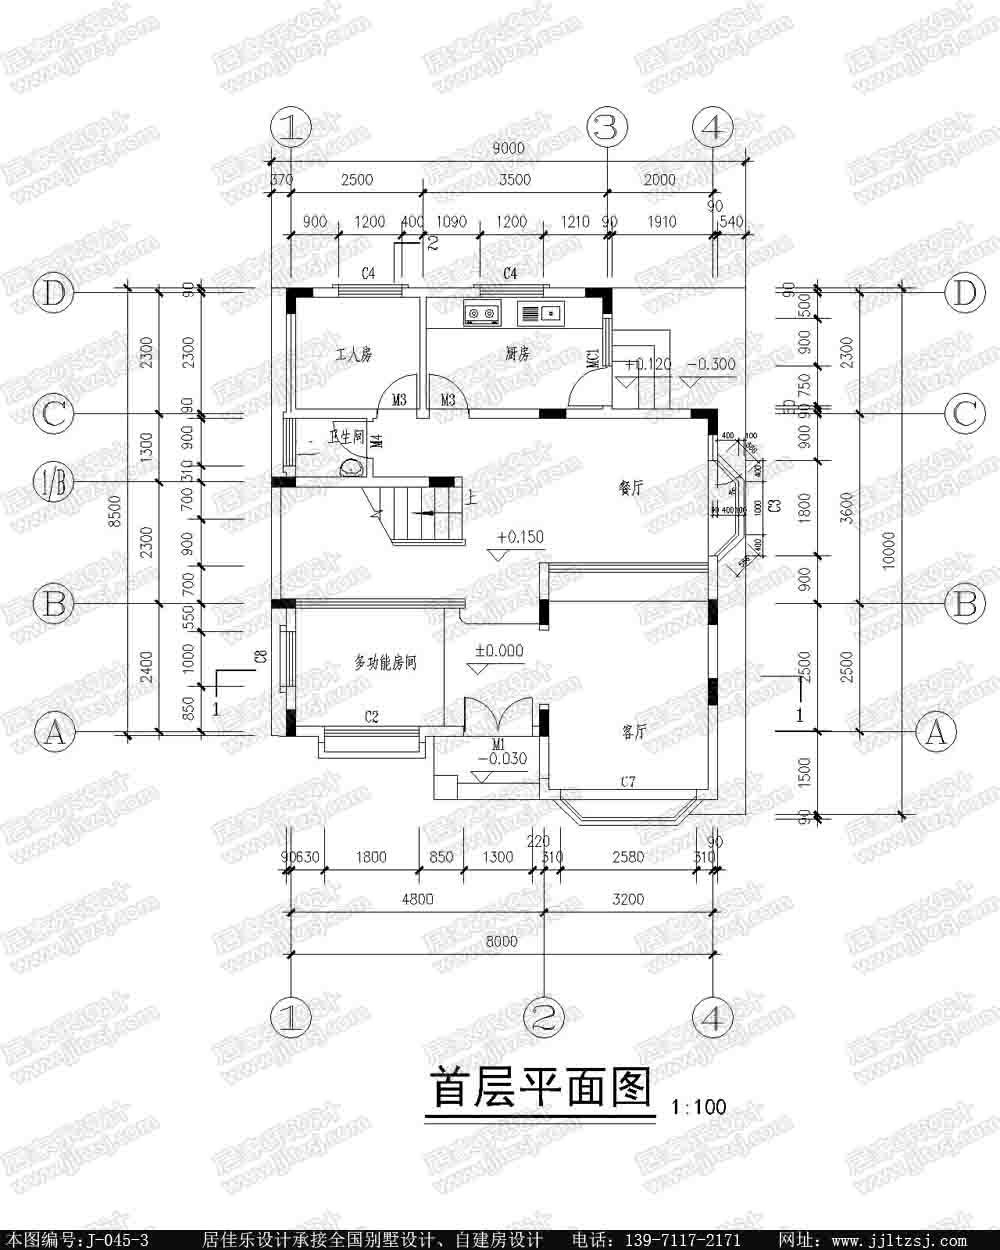 现代时尚新农村三层自建房别墅设计施工图